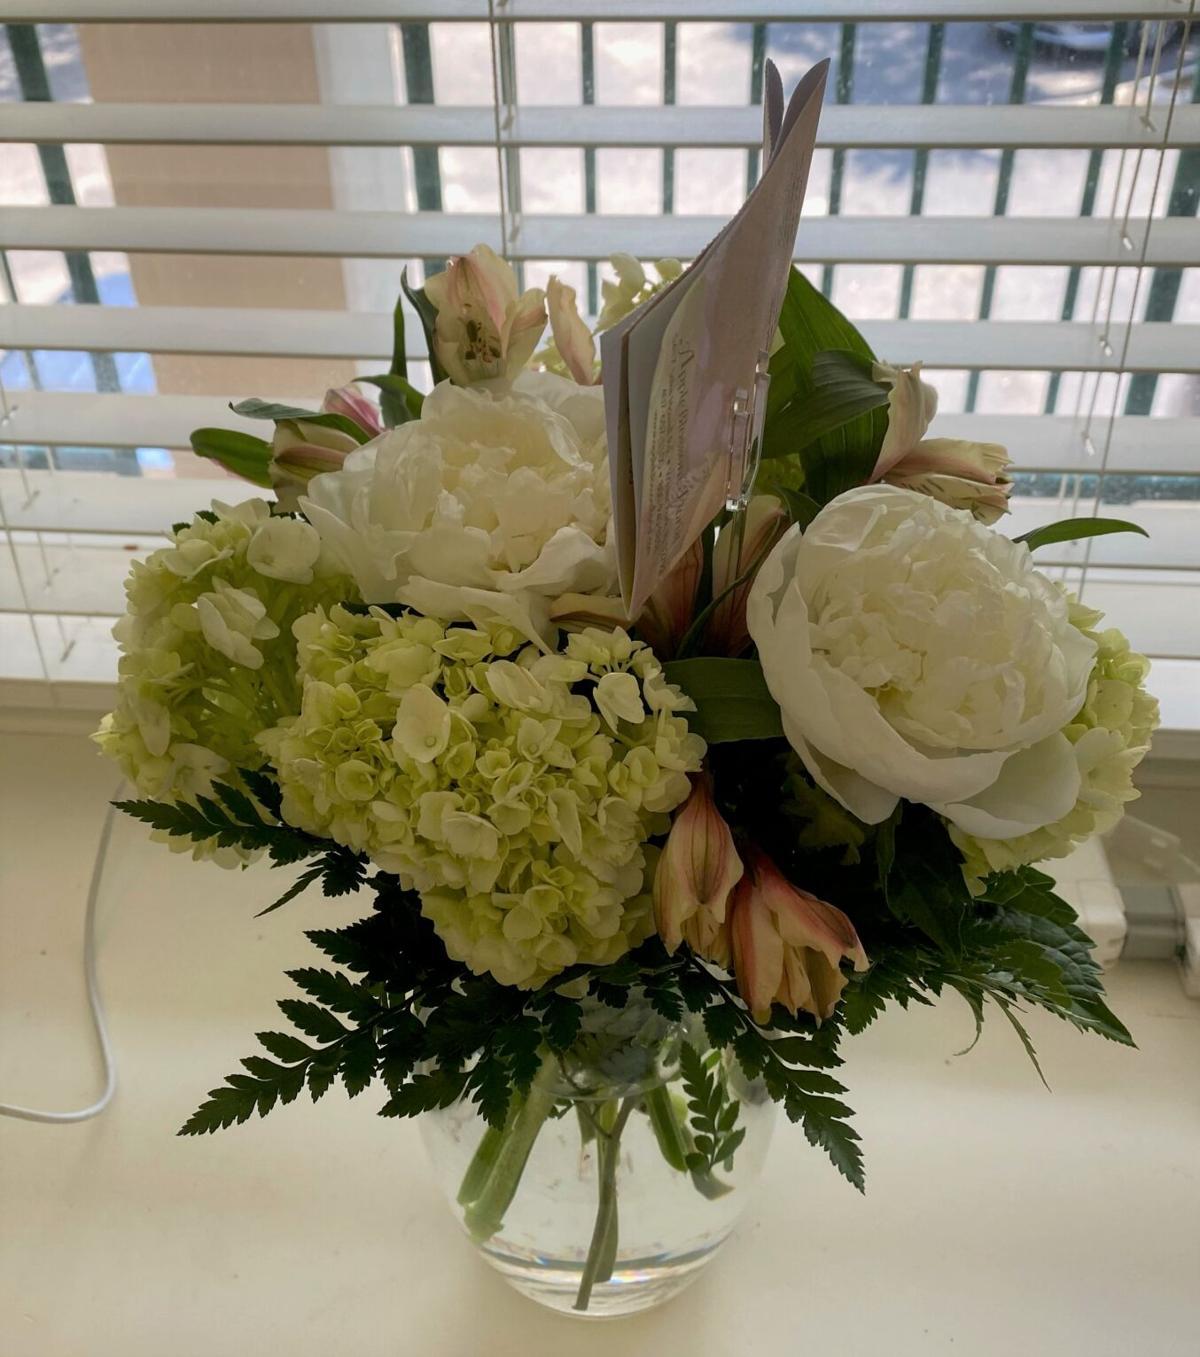 MARNI FLOWER Flower Shop Arrangement $60.jpeg